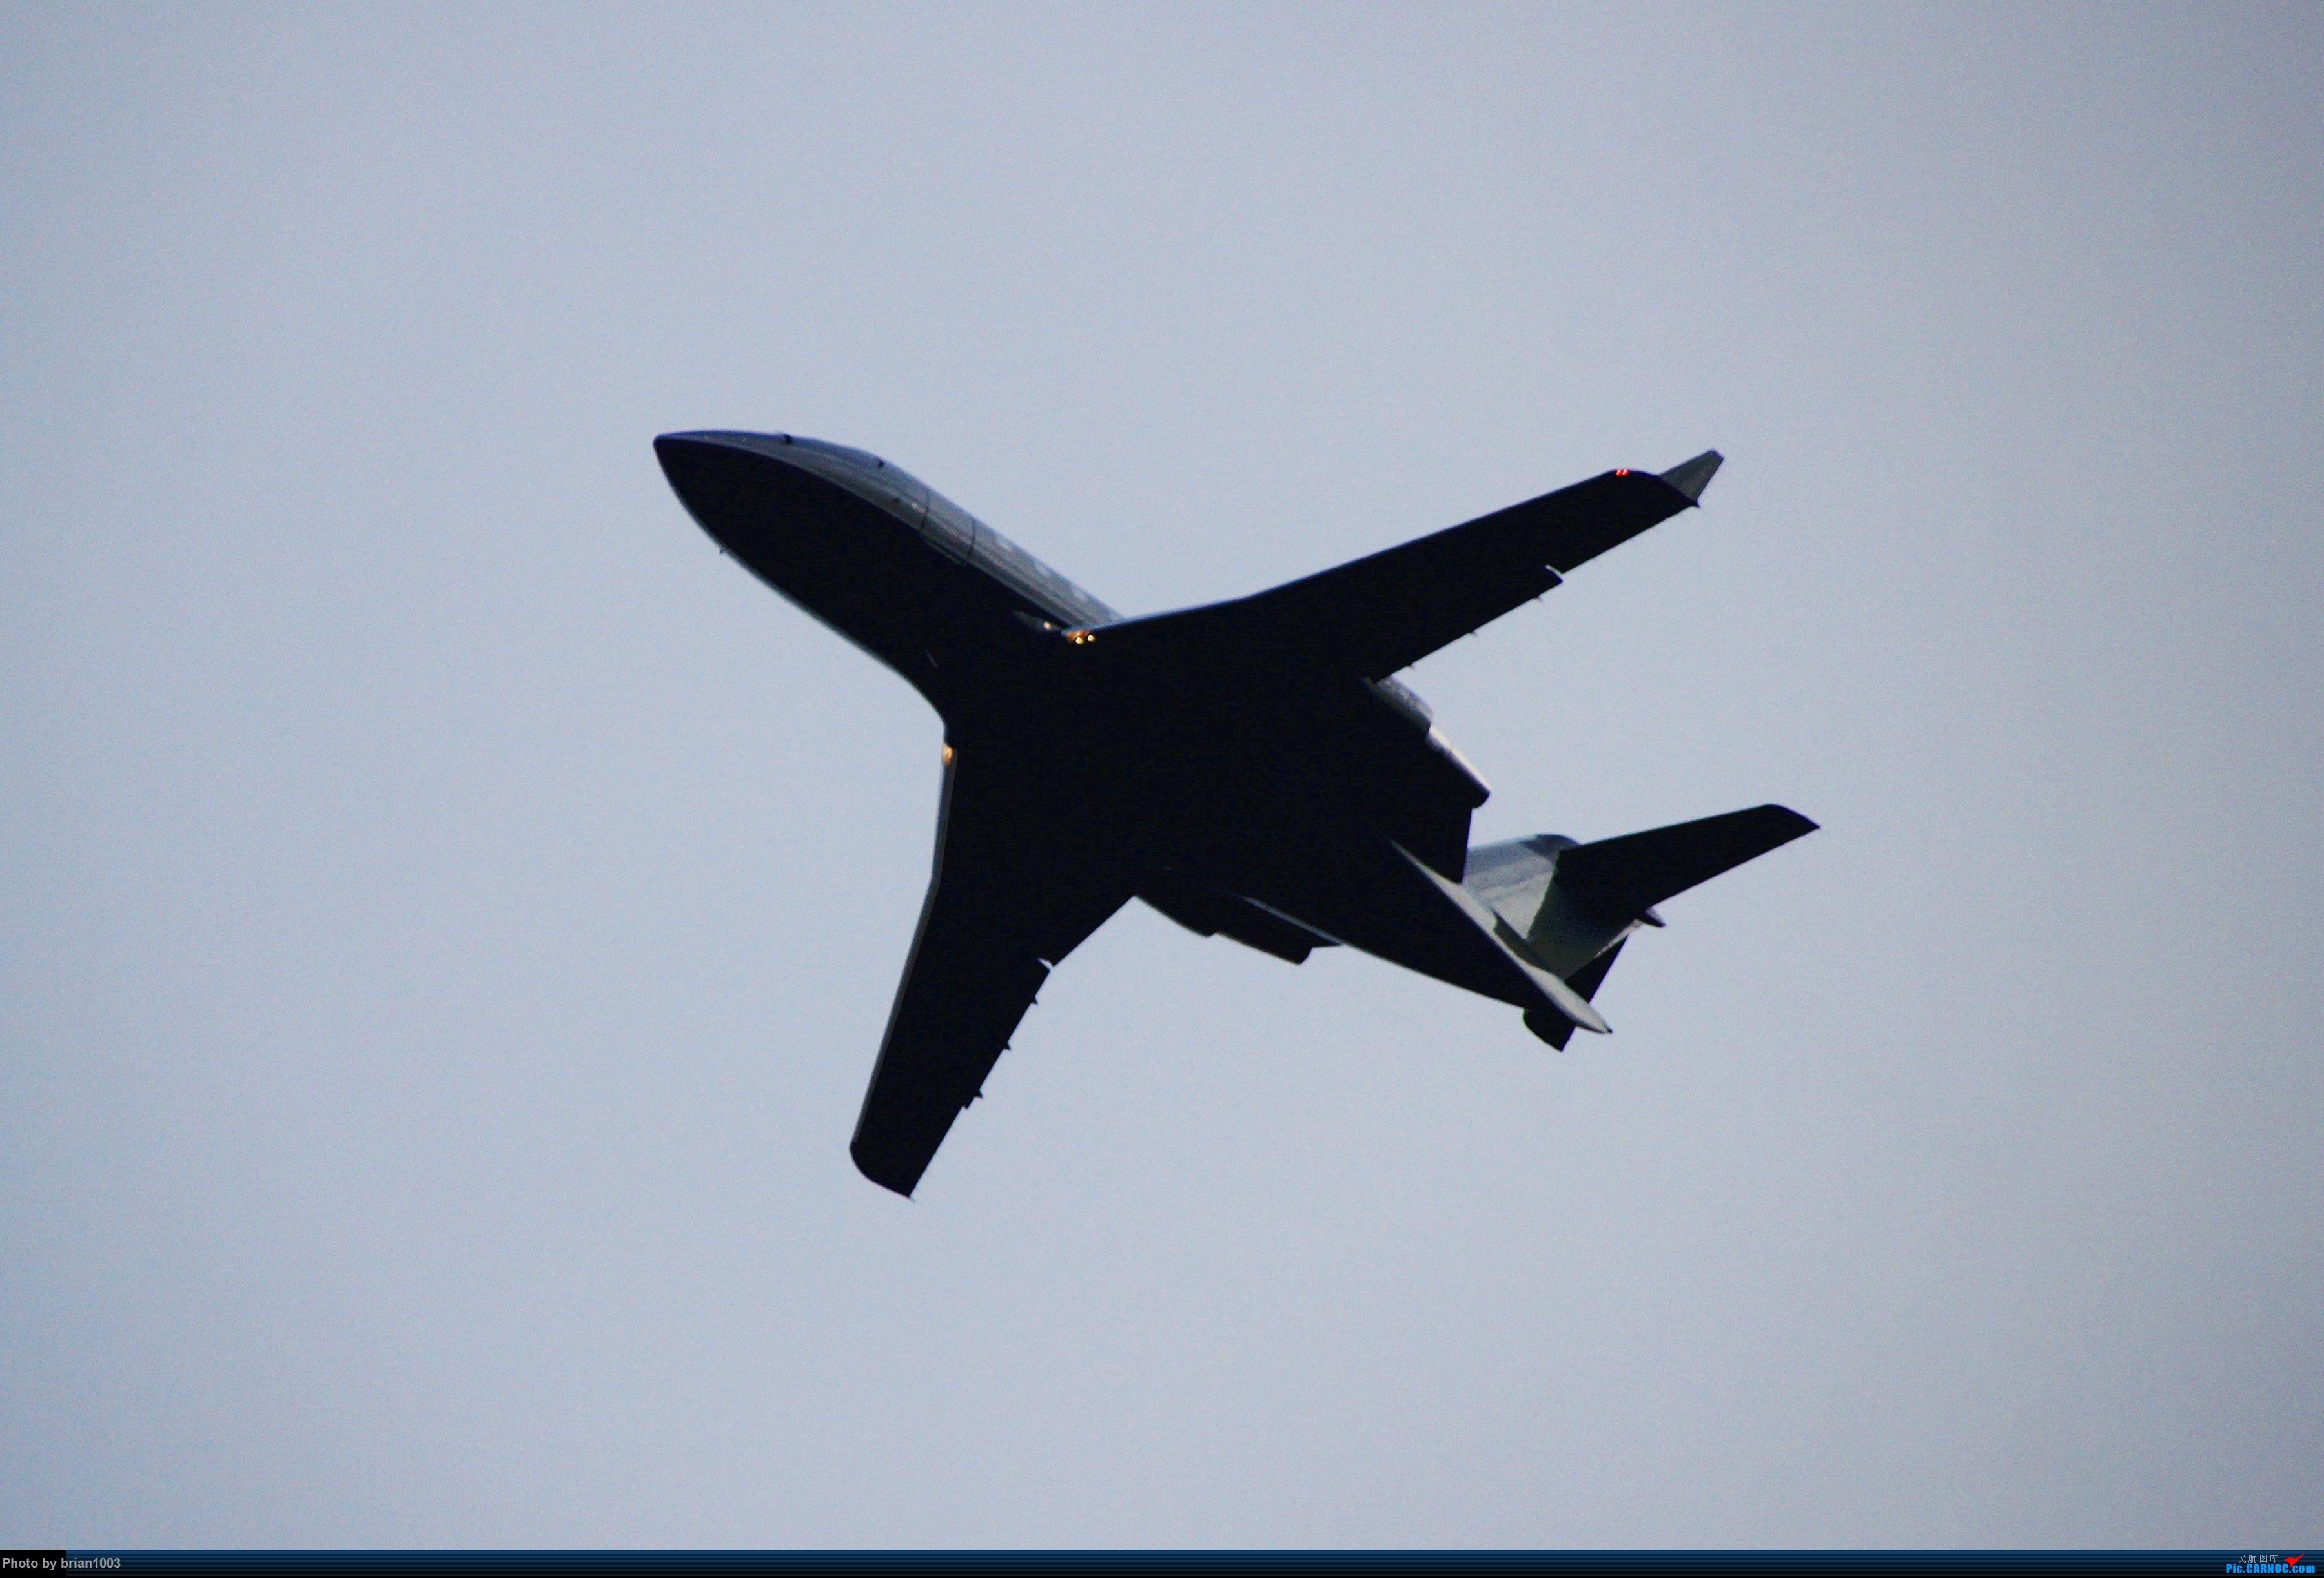 Re:[原创]WUH武汉天河机场拍机之精彩满满的十月(还可能更新) BOMBARDIER CHALLENGER I-DBLR 中国武汉天河国际机场